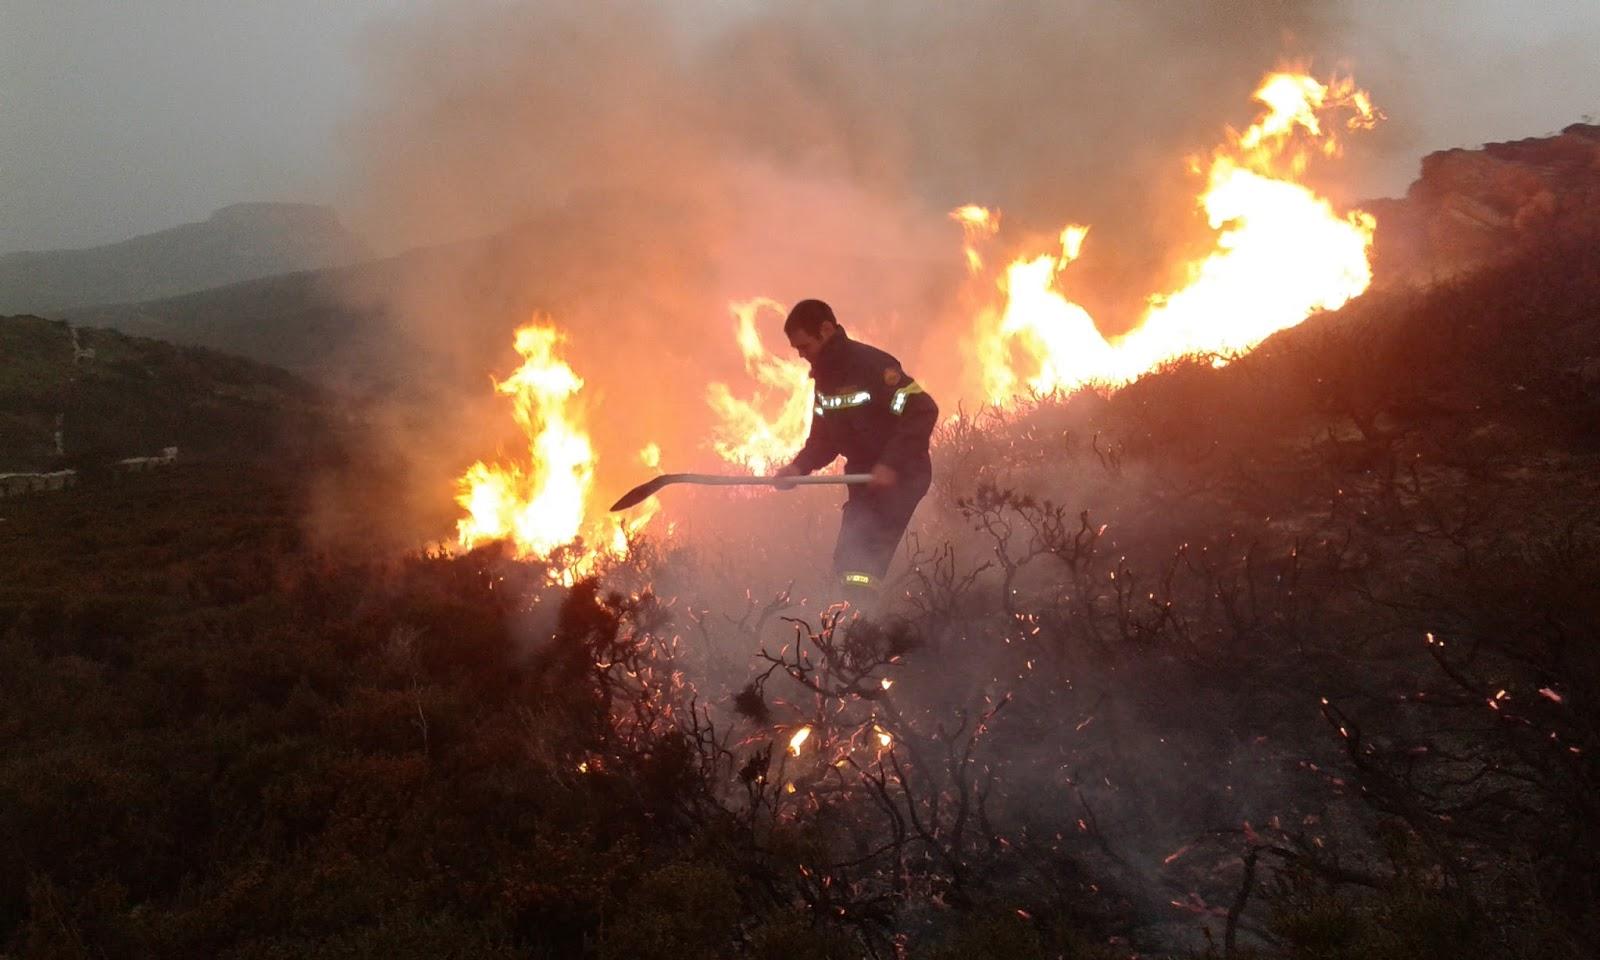 Μέτρα πρόληψης και αντιμετώπισης πυρκαγιών